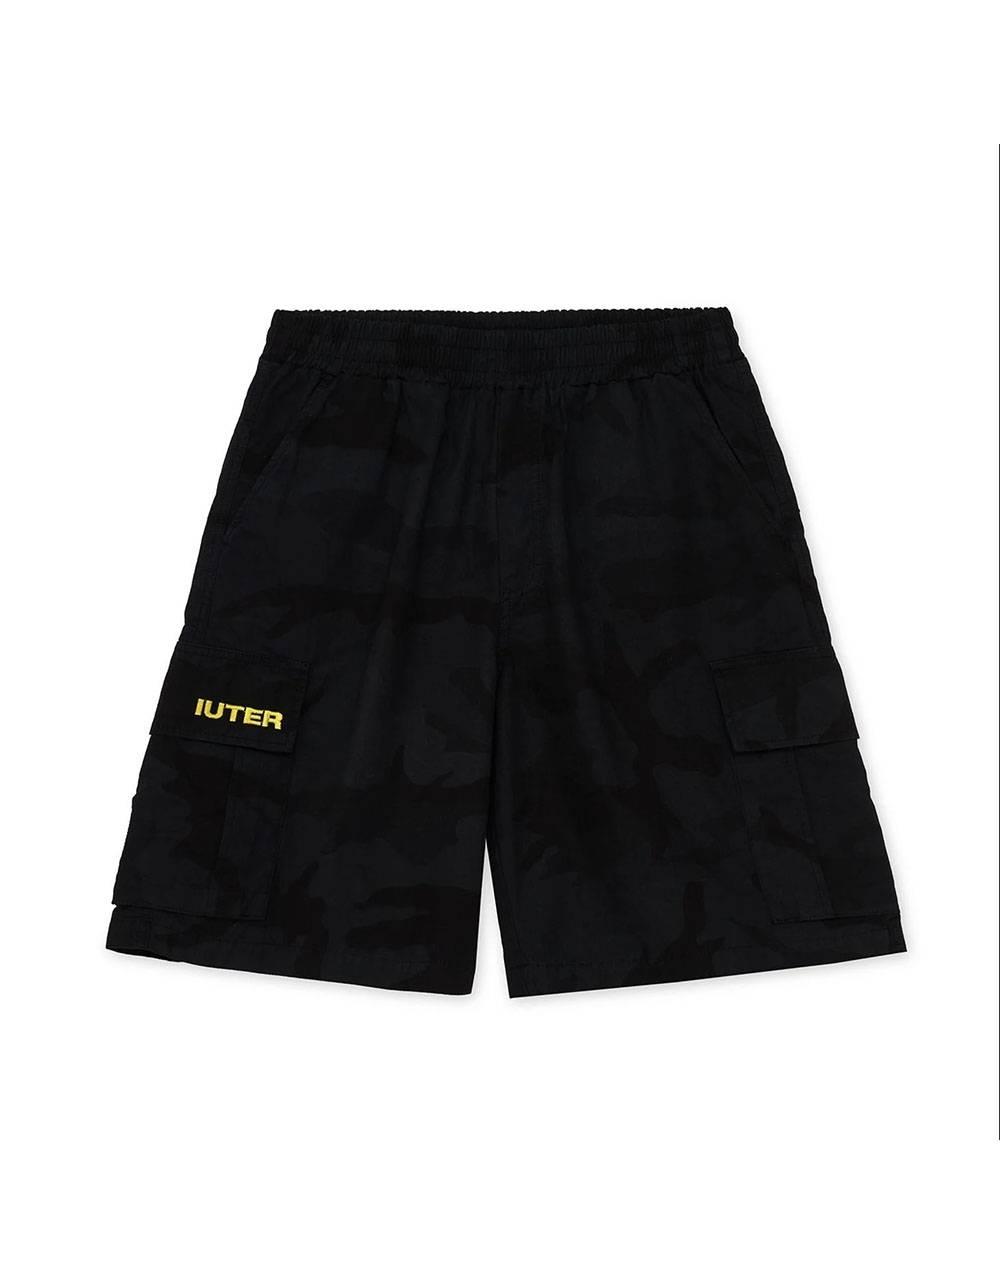 Iuter Cargo camo shorts - black IUTER Shorts 89,34€